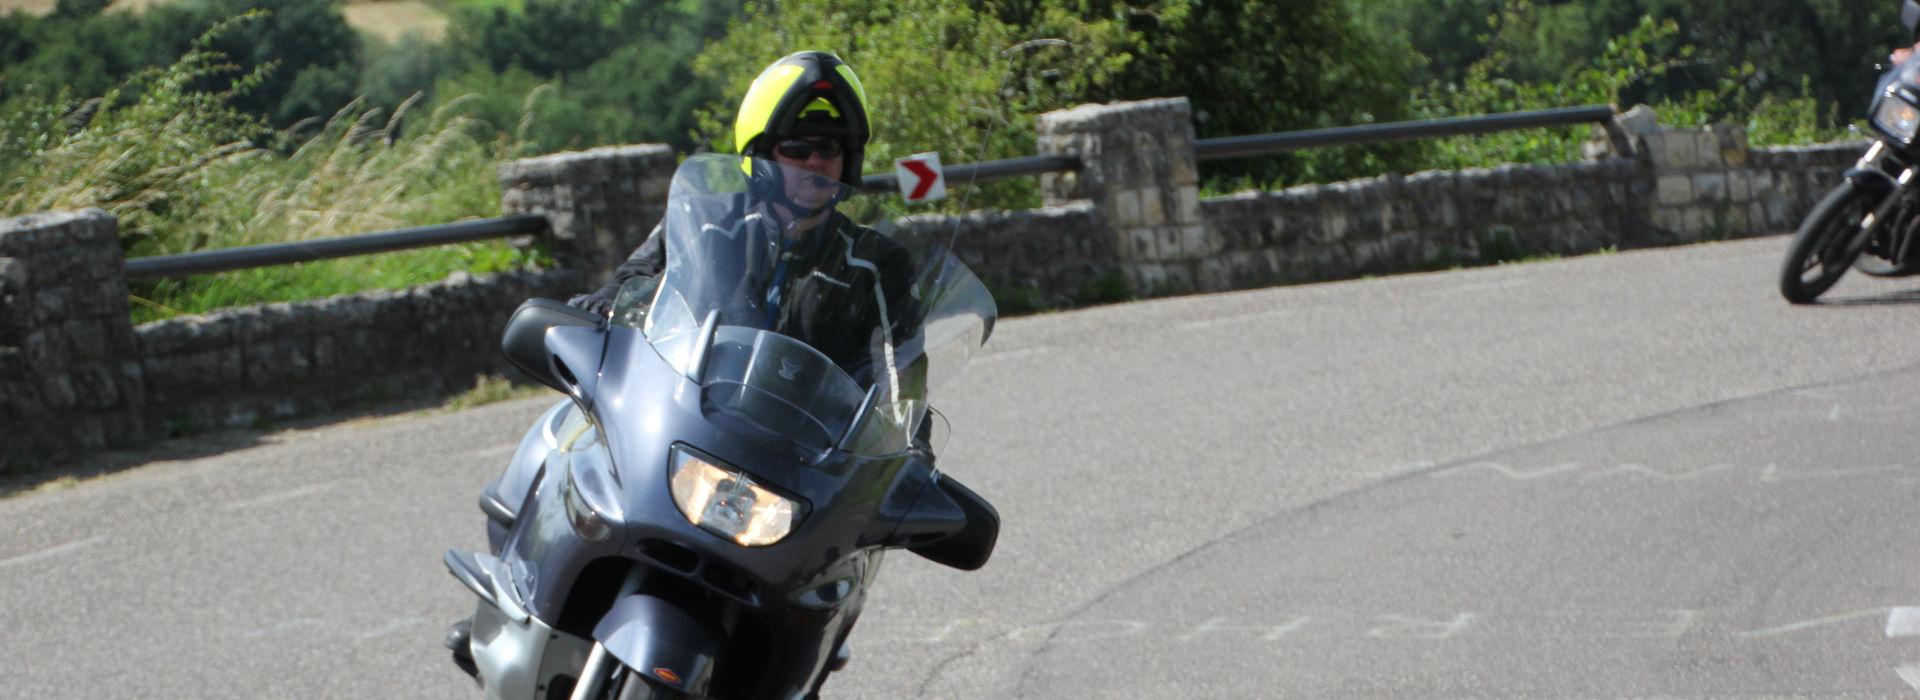 Motorrijbewijspoint  Zwolle motorrijcholen